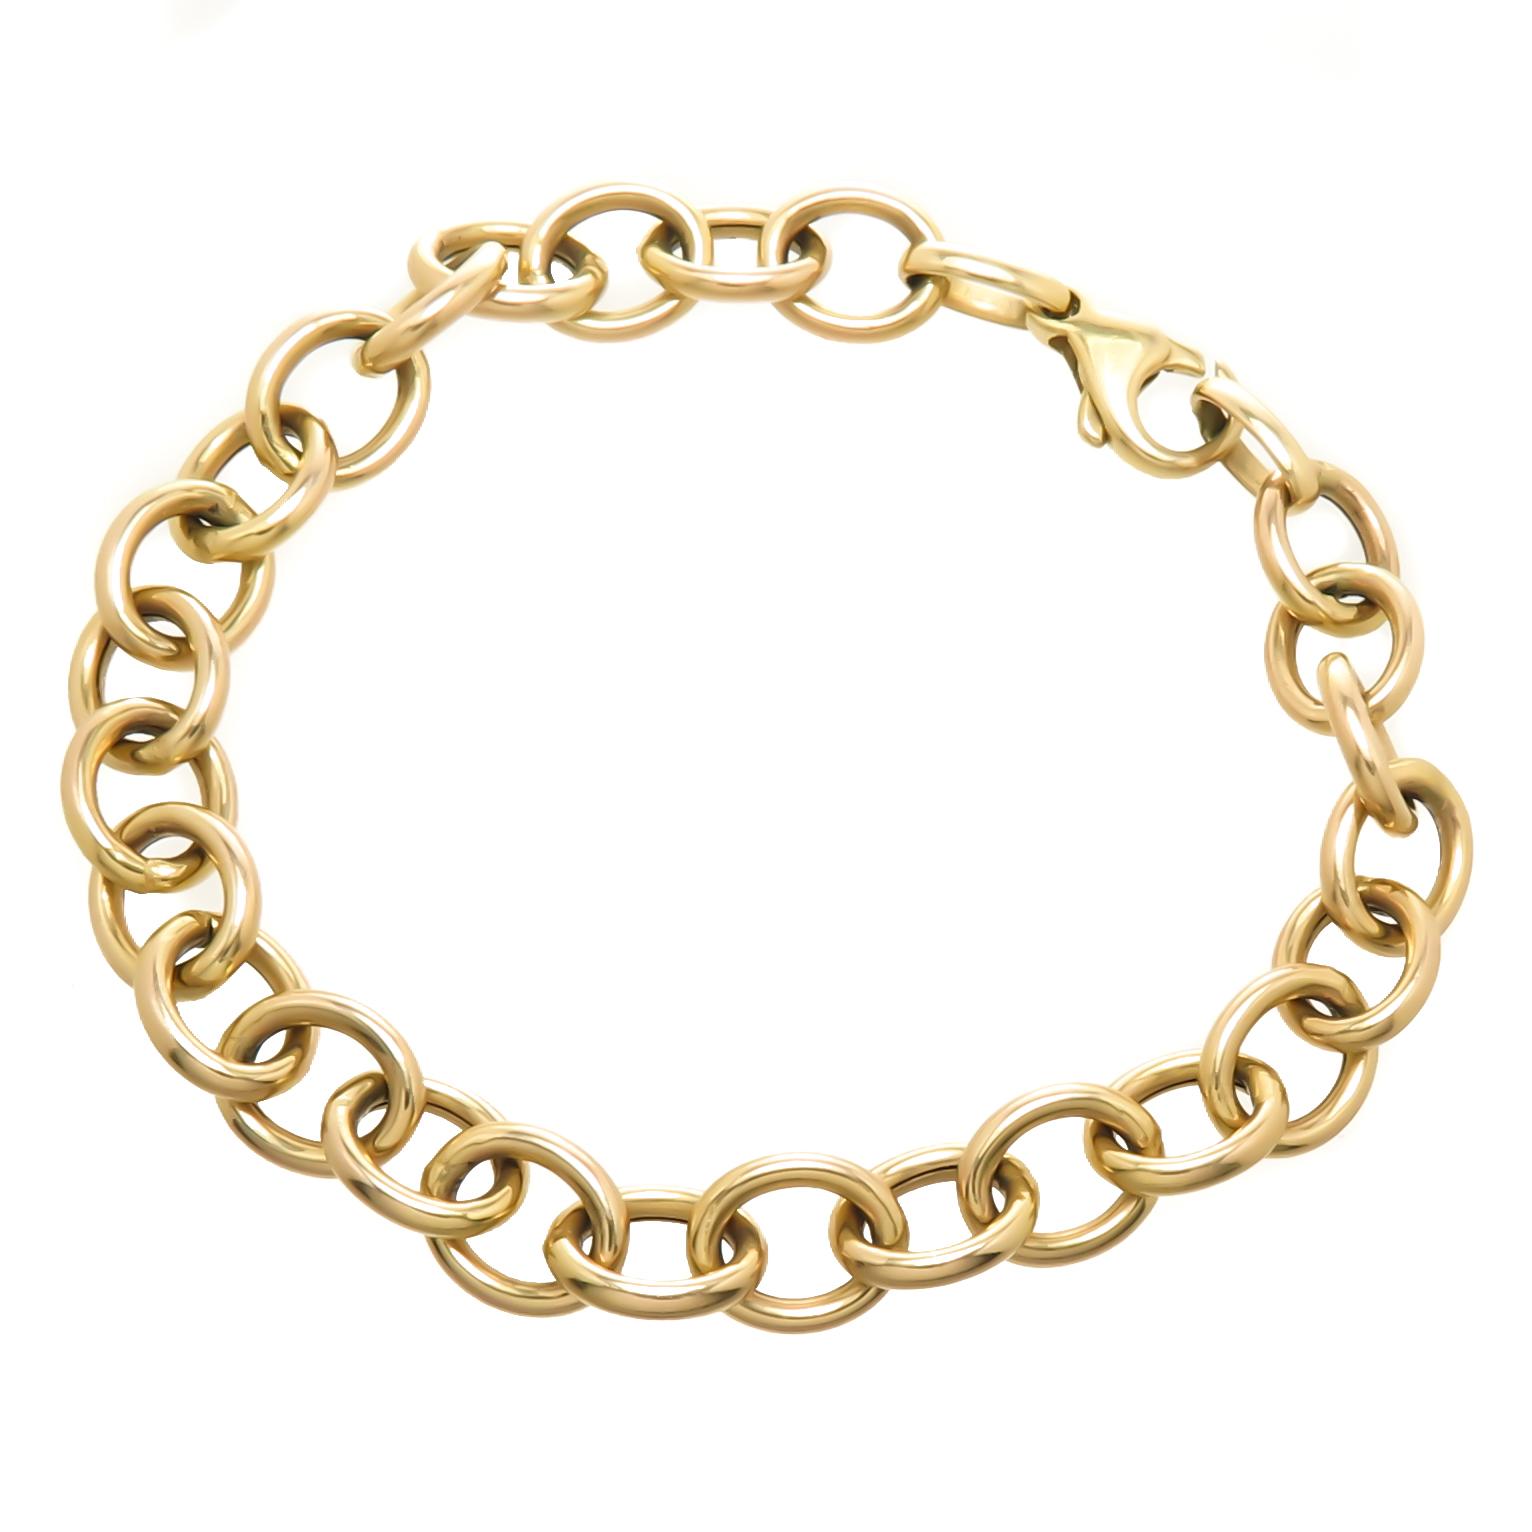 vintage gold link bracelet solid 14k yellow gold kerry gilligan.jpg